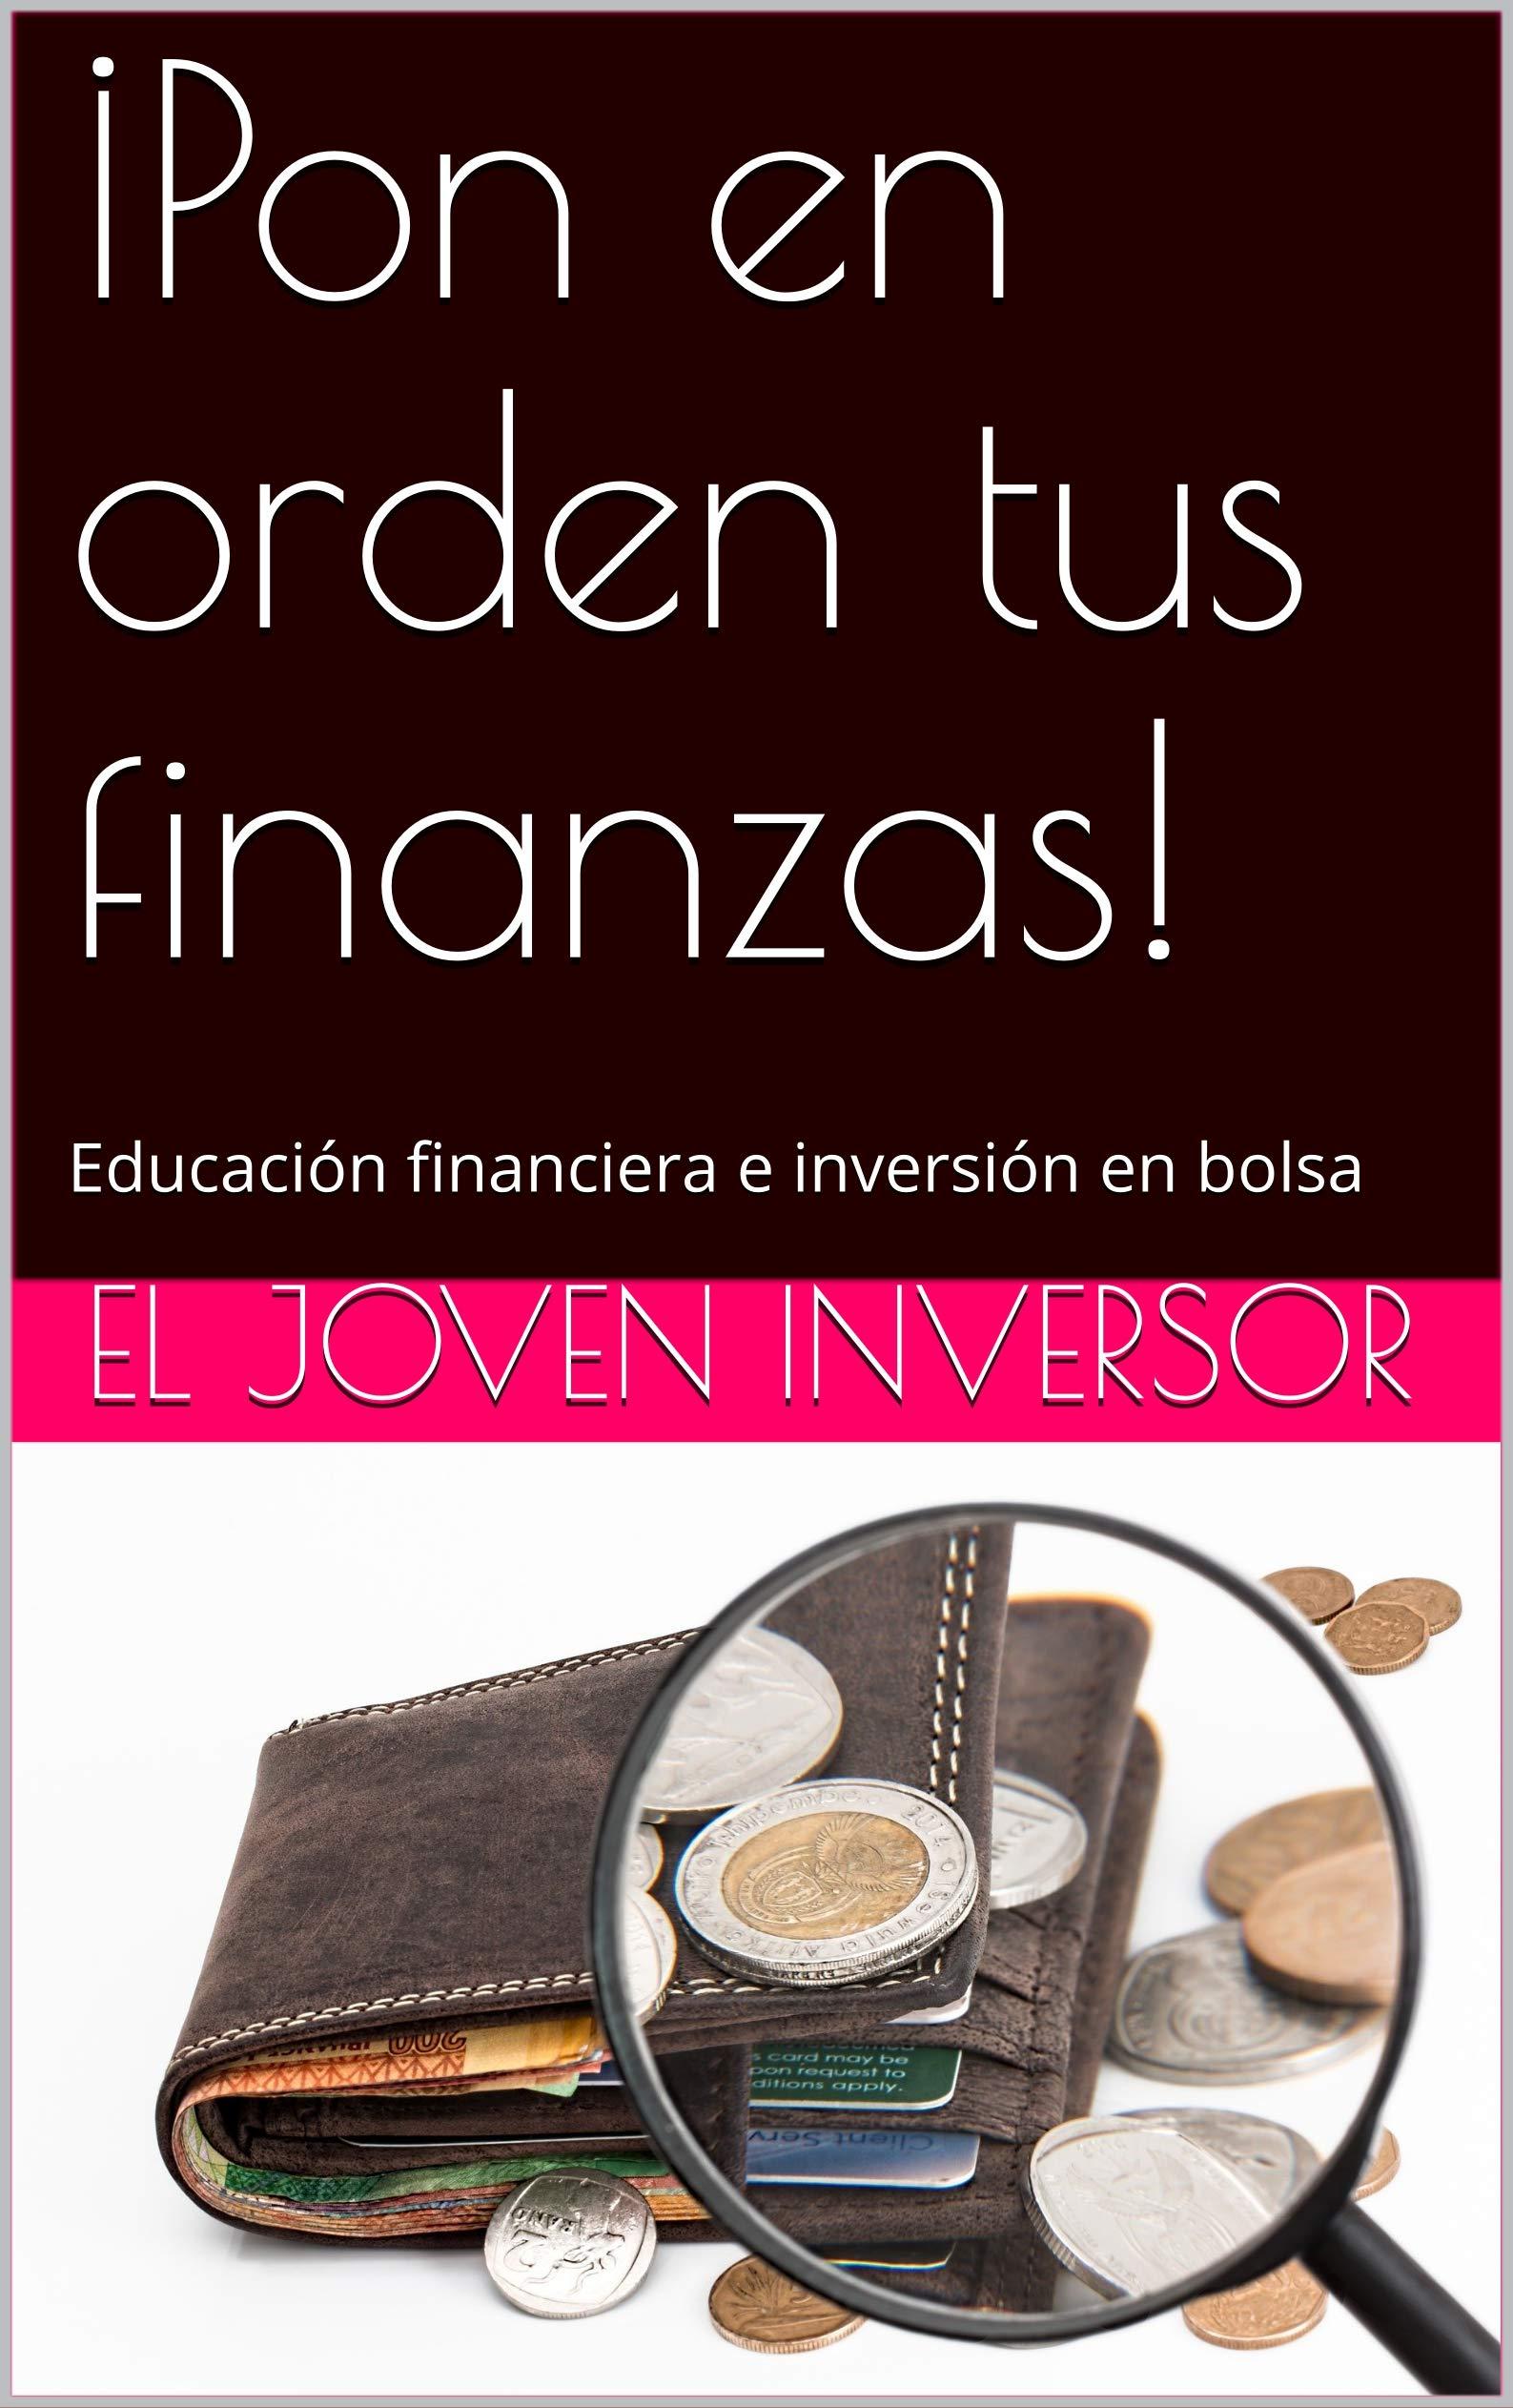 ¡Pon en orden tus finanzas!: Educación financiera e inversión en bolsa (Spanish Edition)